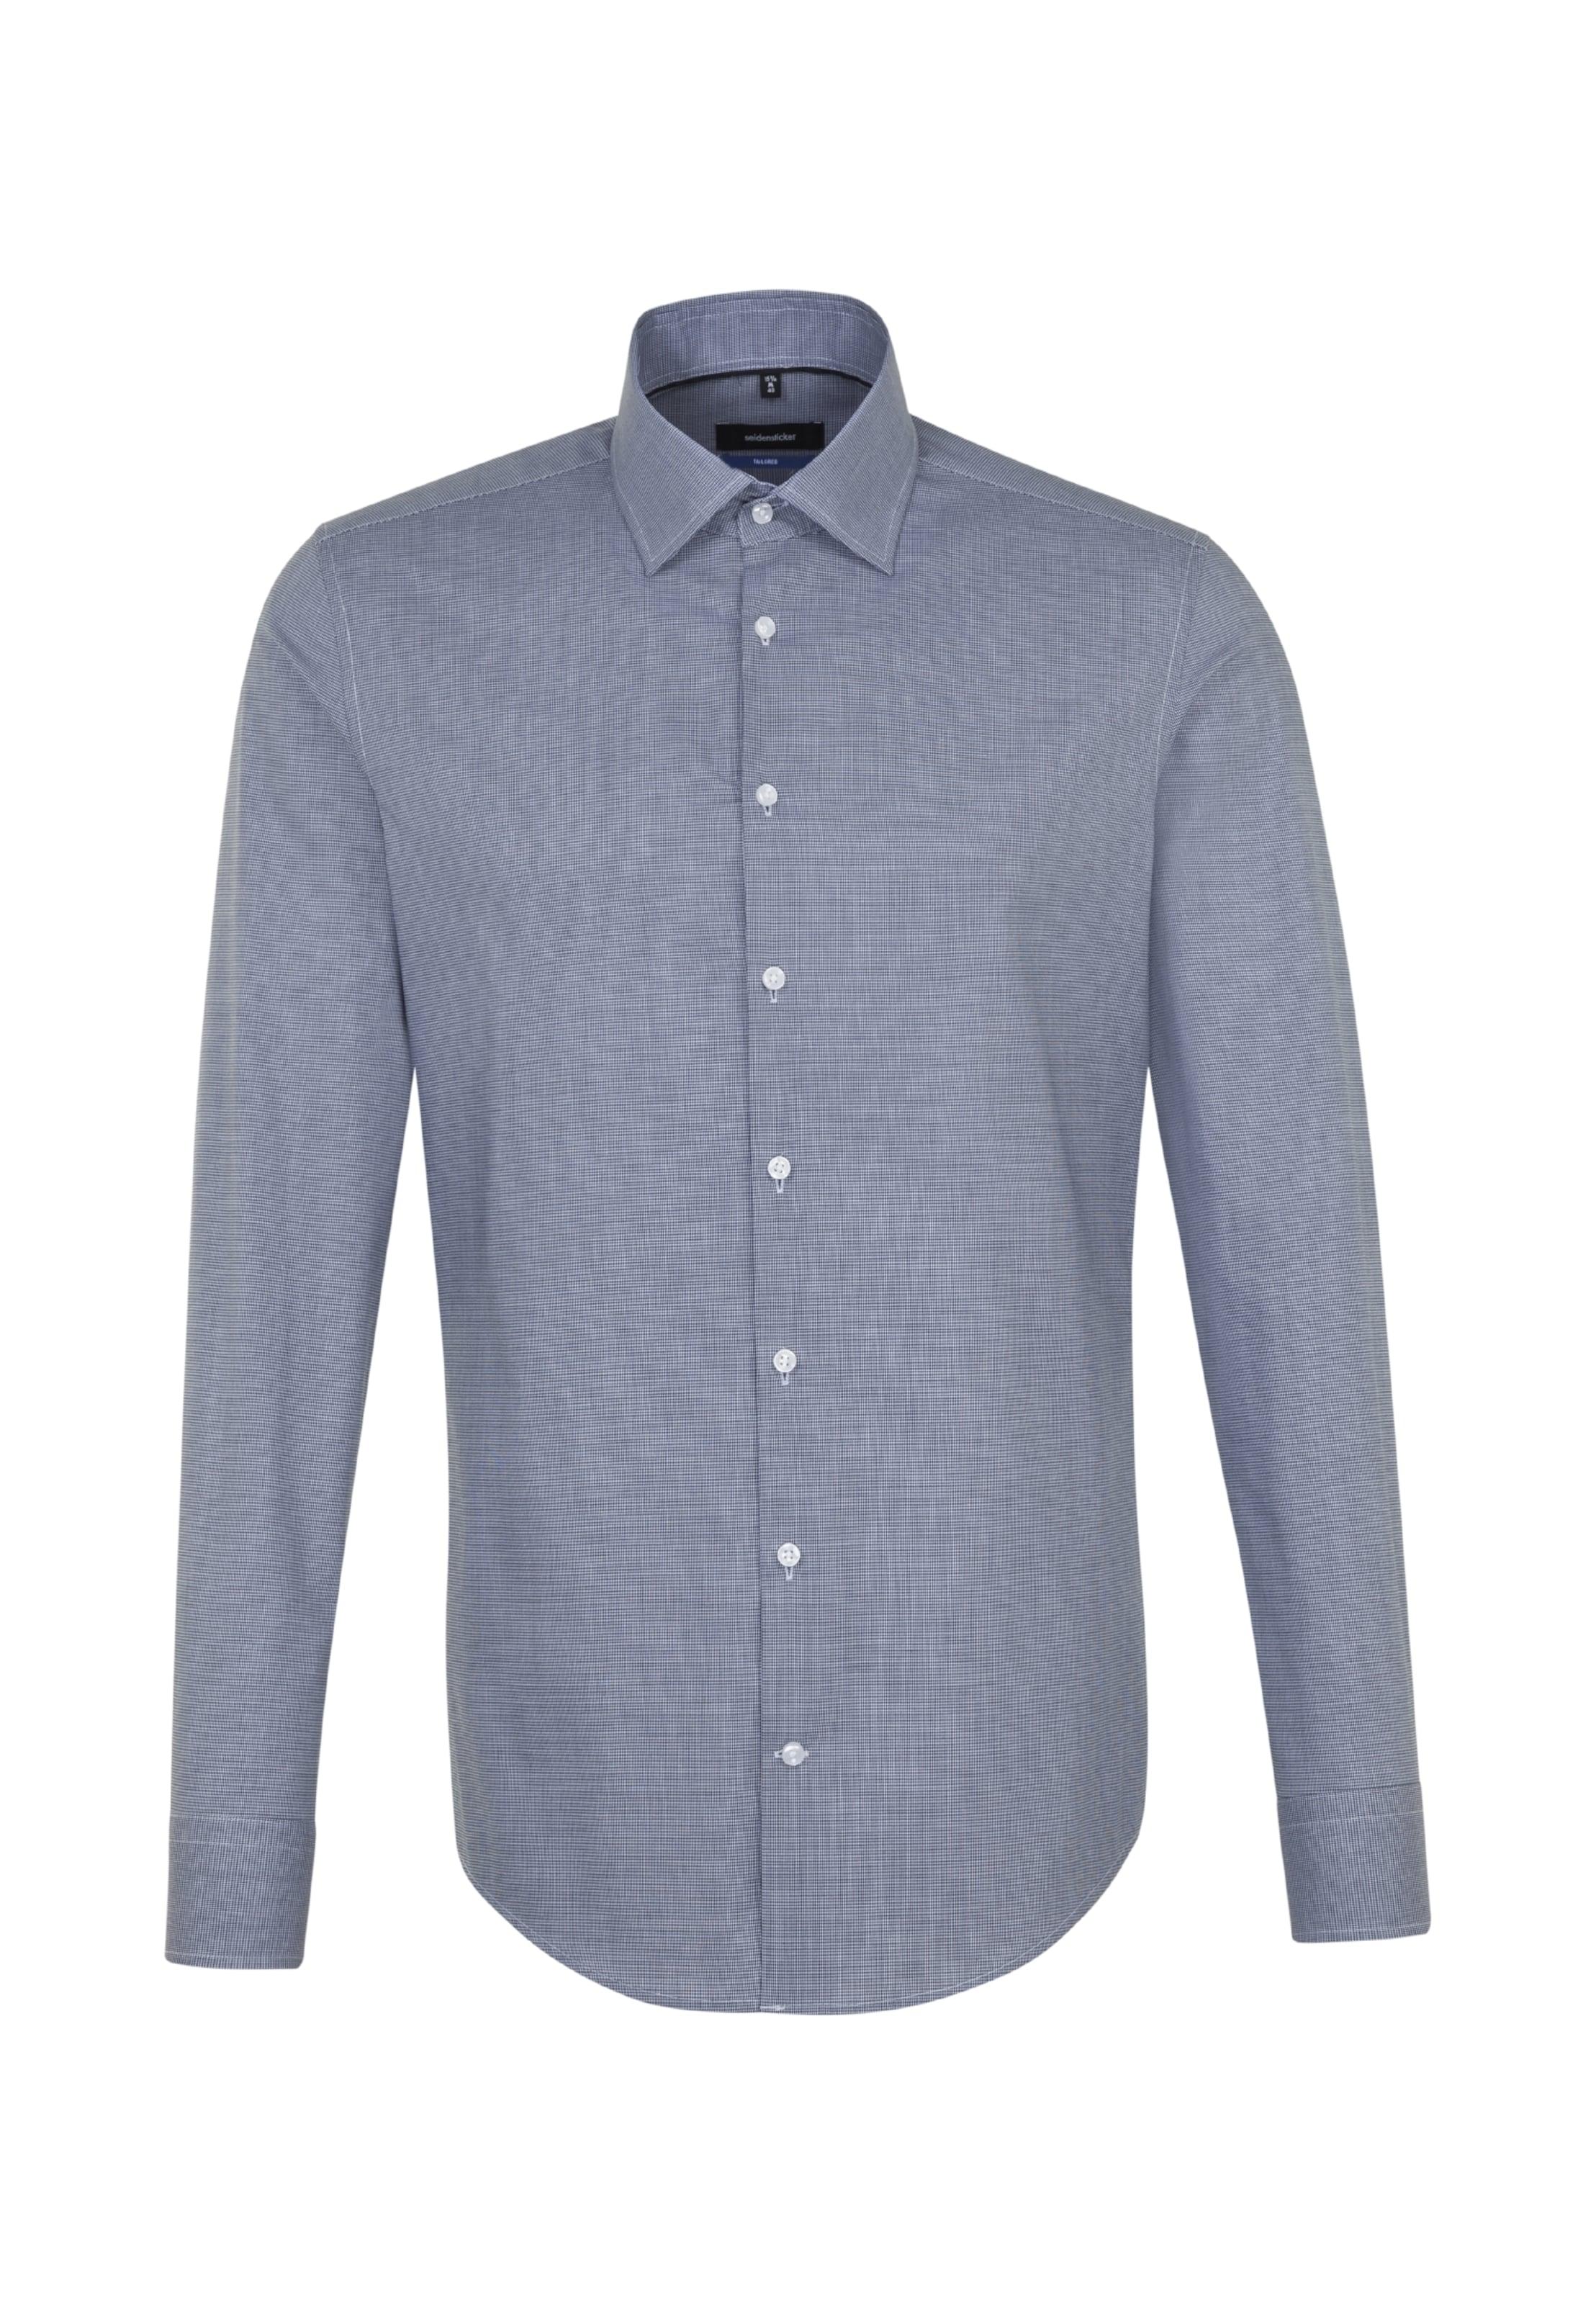 BlauWeiß In Hemd BlauWeiß Seidensticker Hemd In In Seidensticker Hemd Seidensticker ynwO80Nvm